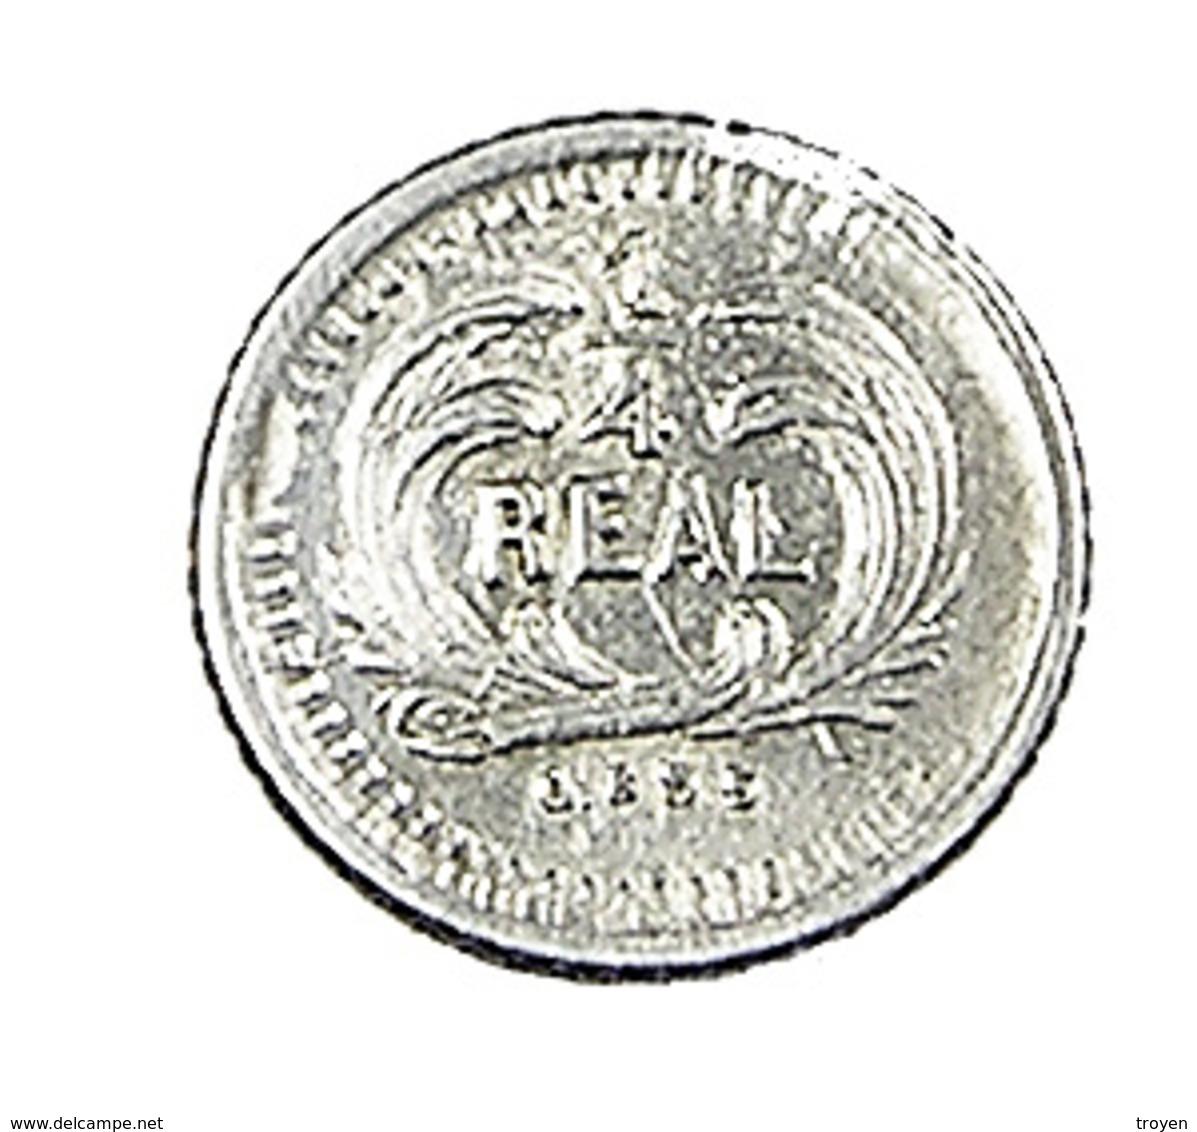 1/4 Réal - Guatemala - 1879 - Argent - 0,835 - TTB - - Guatemala